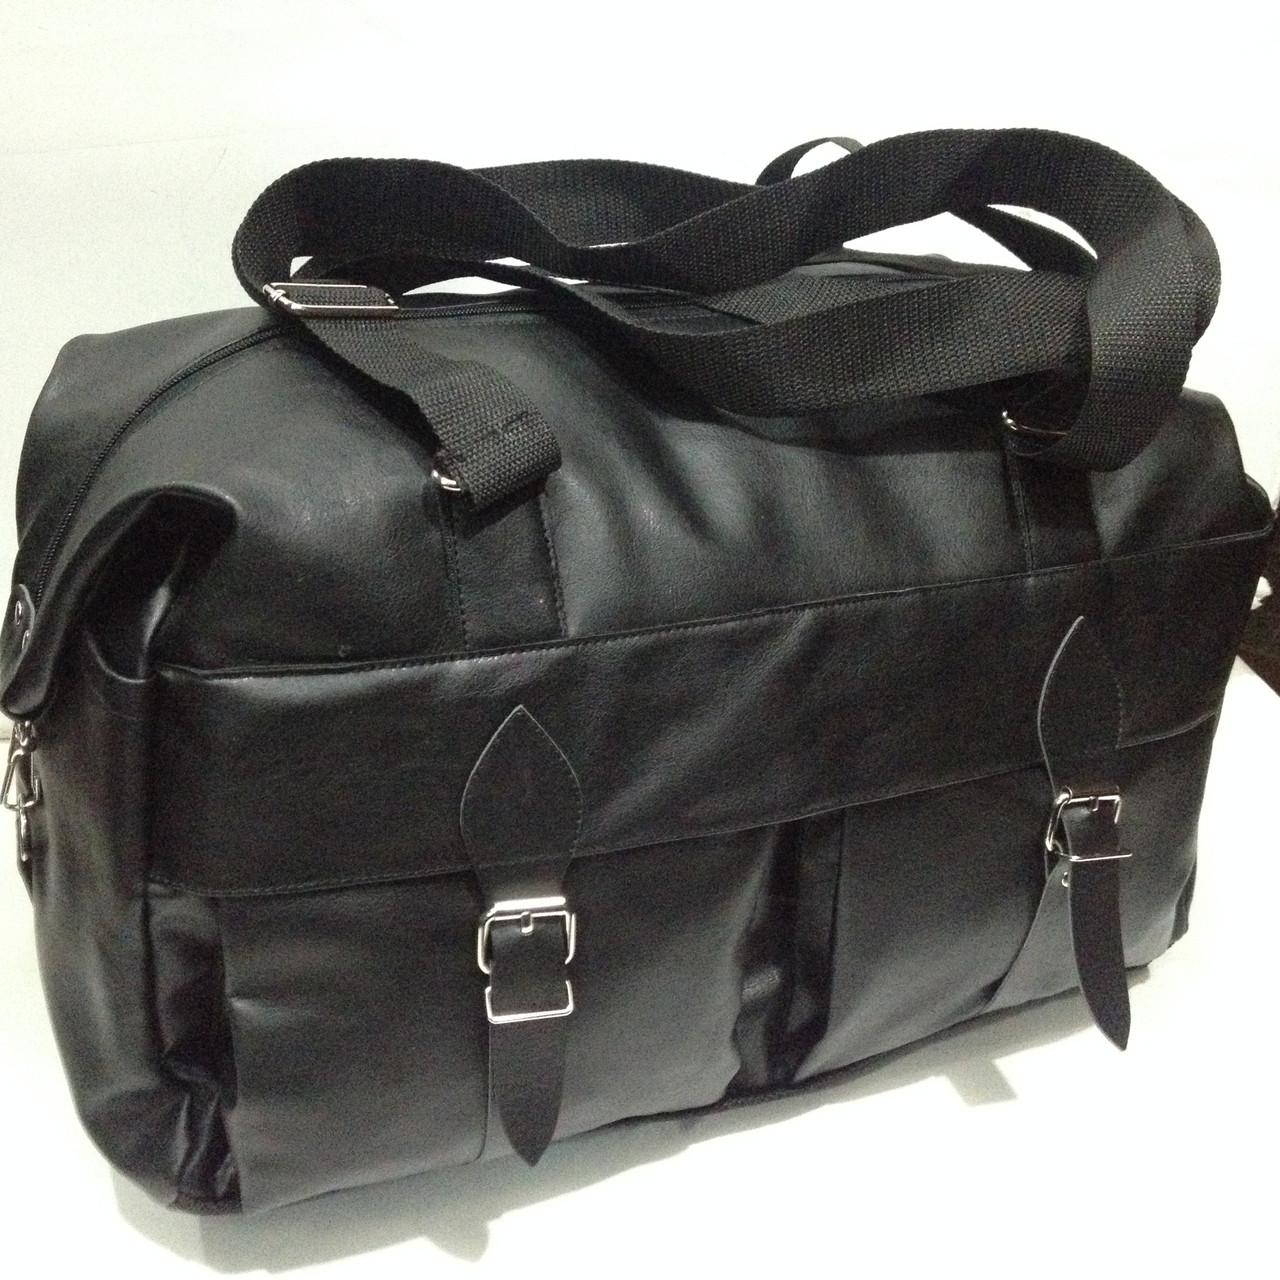 Дорожные сумки проитзводства харьковь детские спортивные рюкзаки адидас